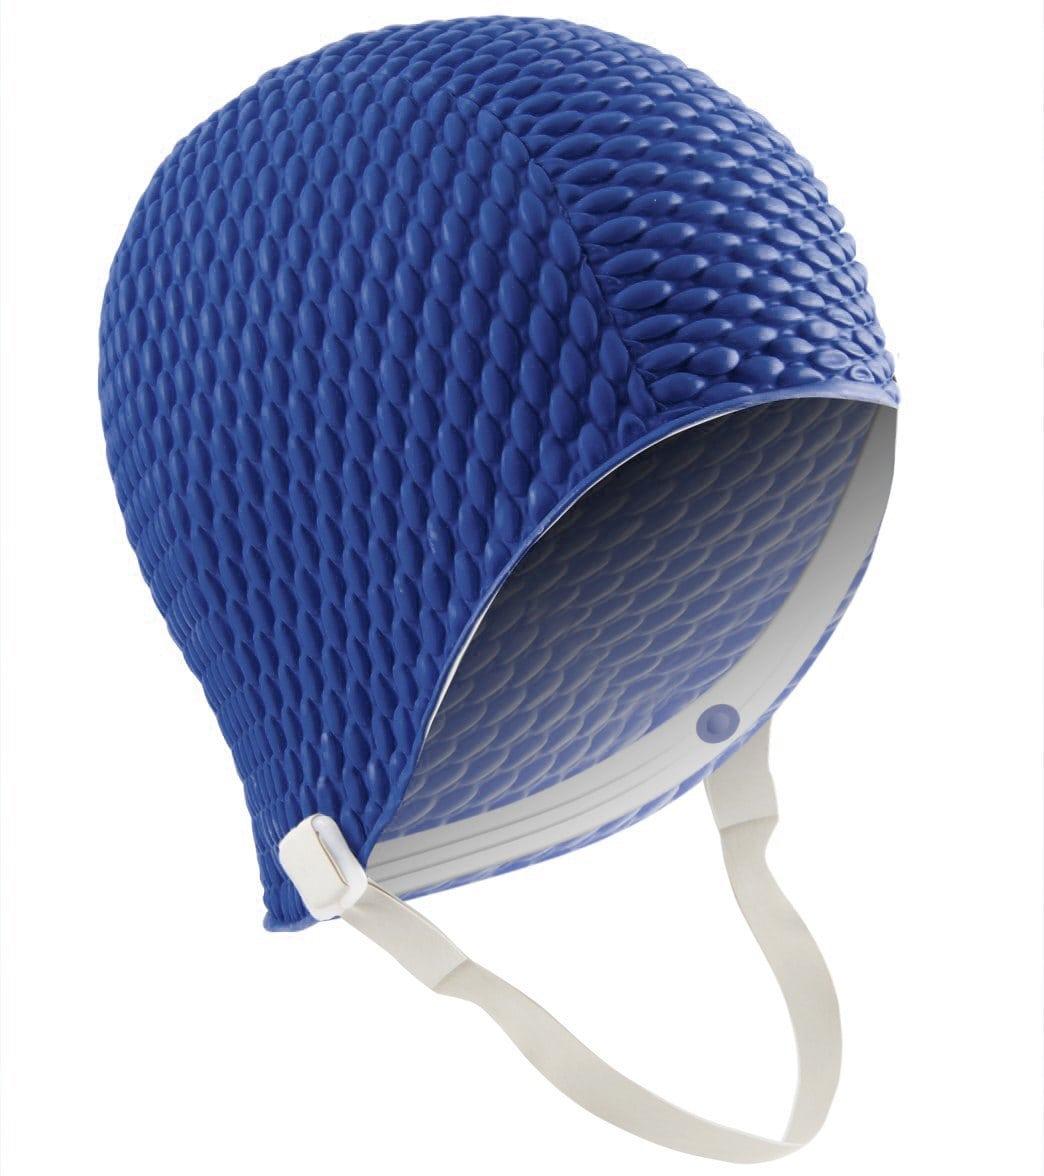 ac830ea79bb Sporti Bubble Swim Cap with Chin Strap at SwimOutlet.com